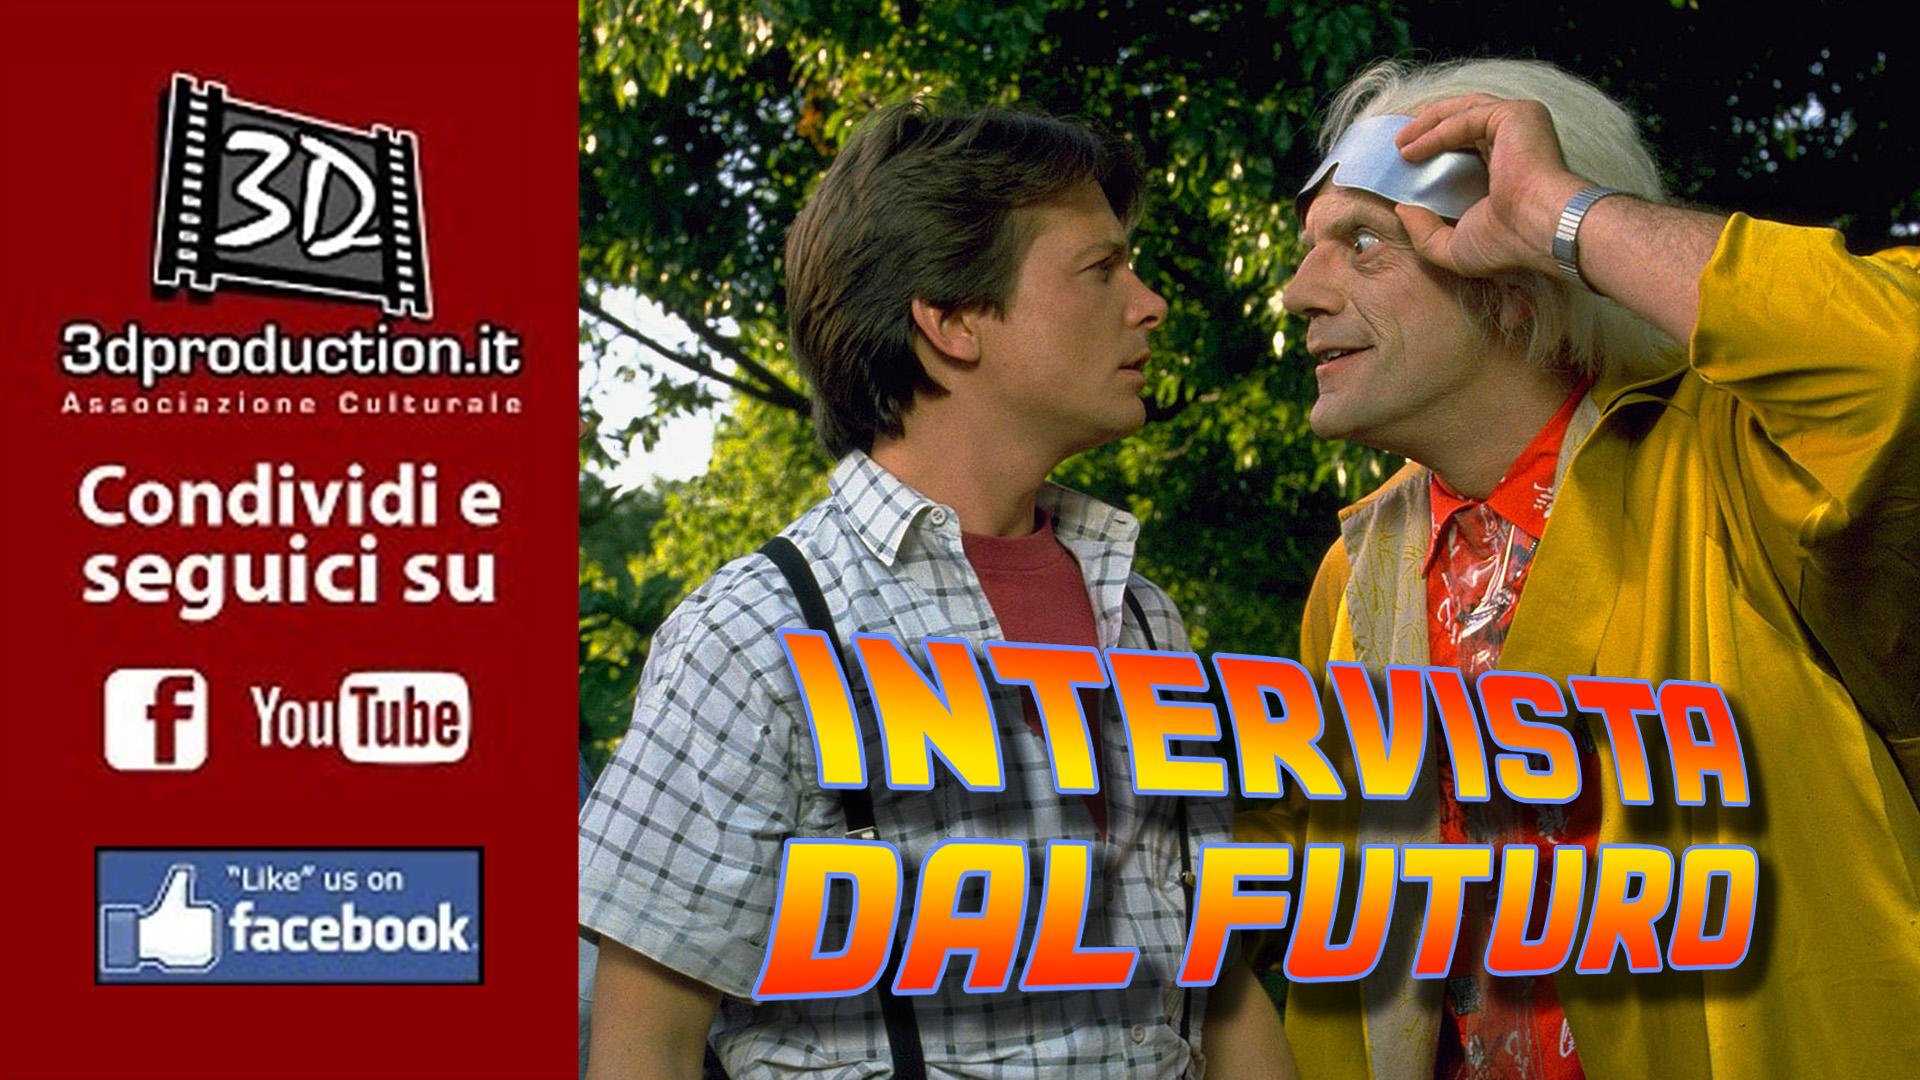 Intervista dal futuro